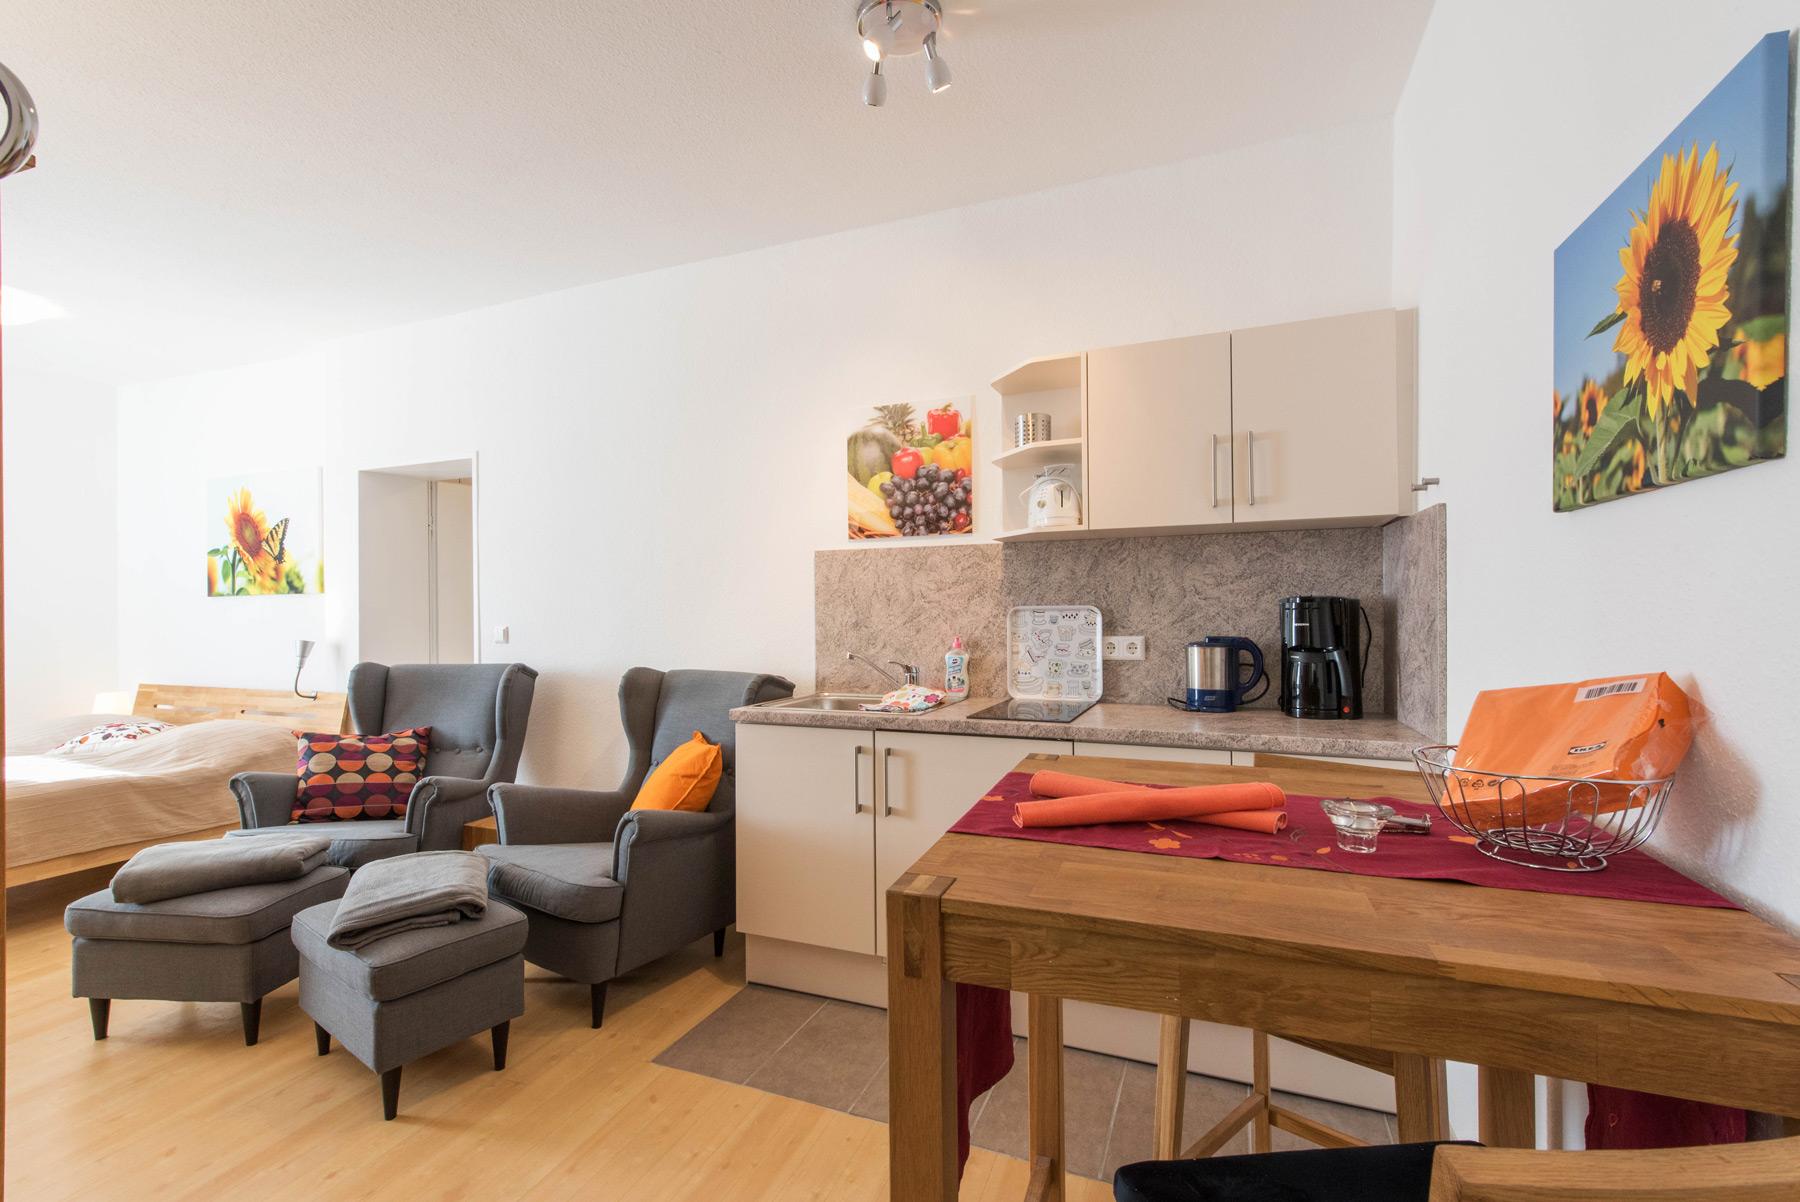 mieten sie jetzt unsere ferienwohnung 5 f r ihren urlaub auf norderney. Black Bedroom Furniture Sets. Home Design Ideas